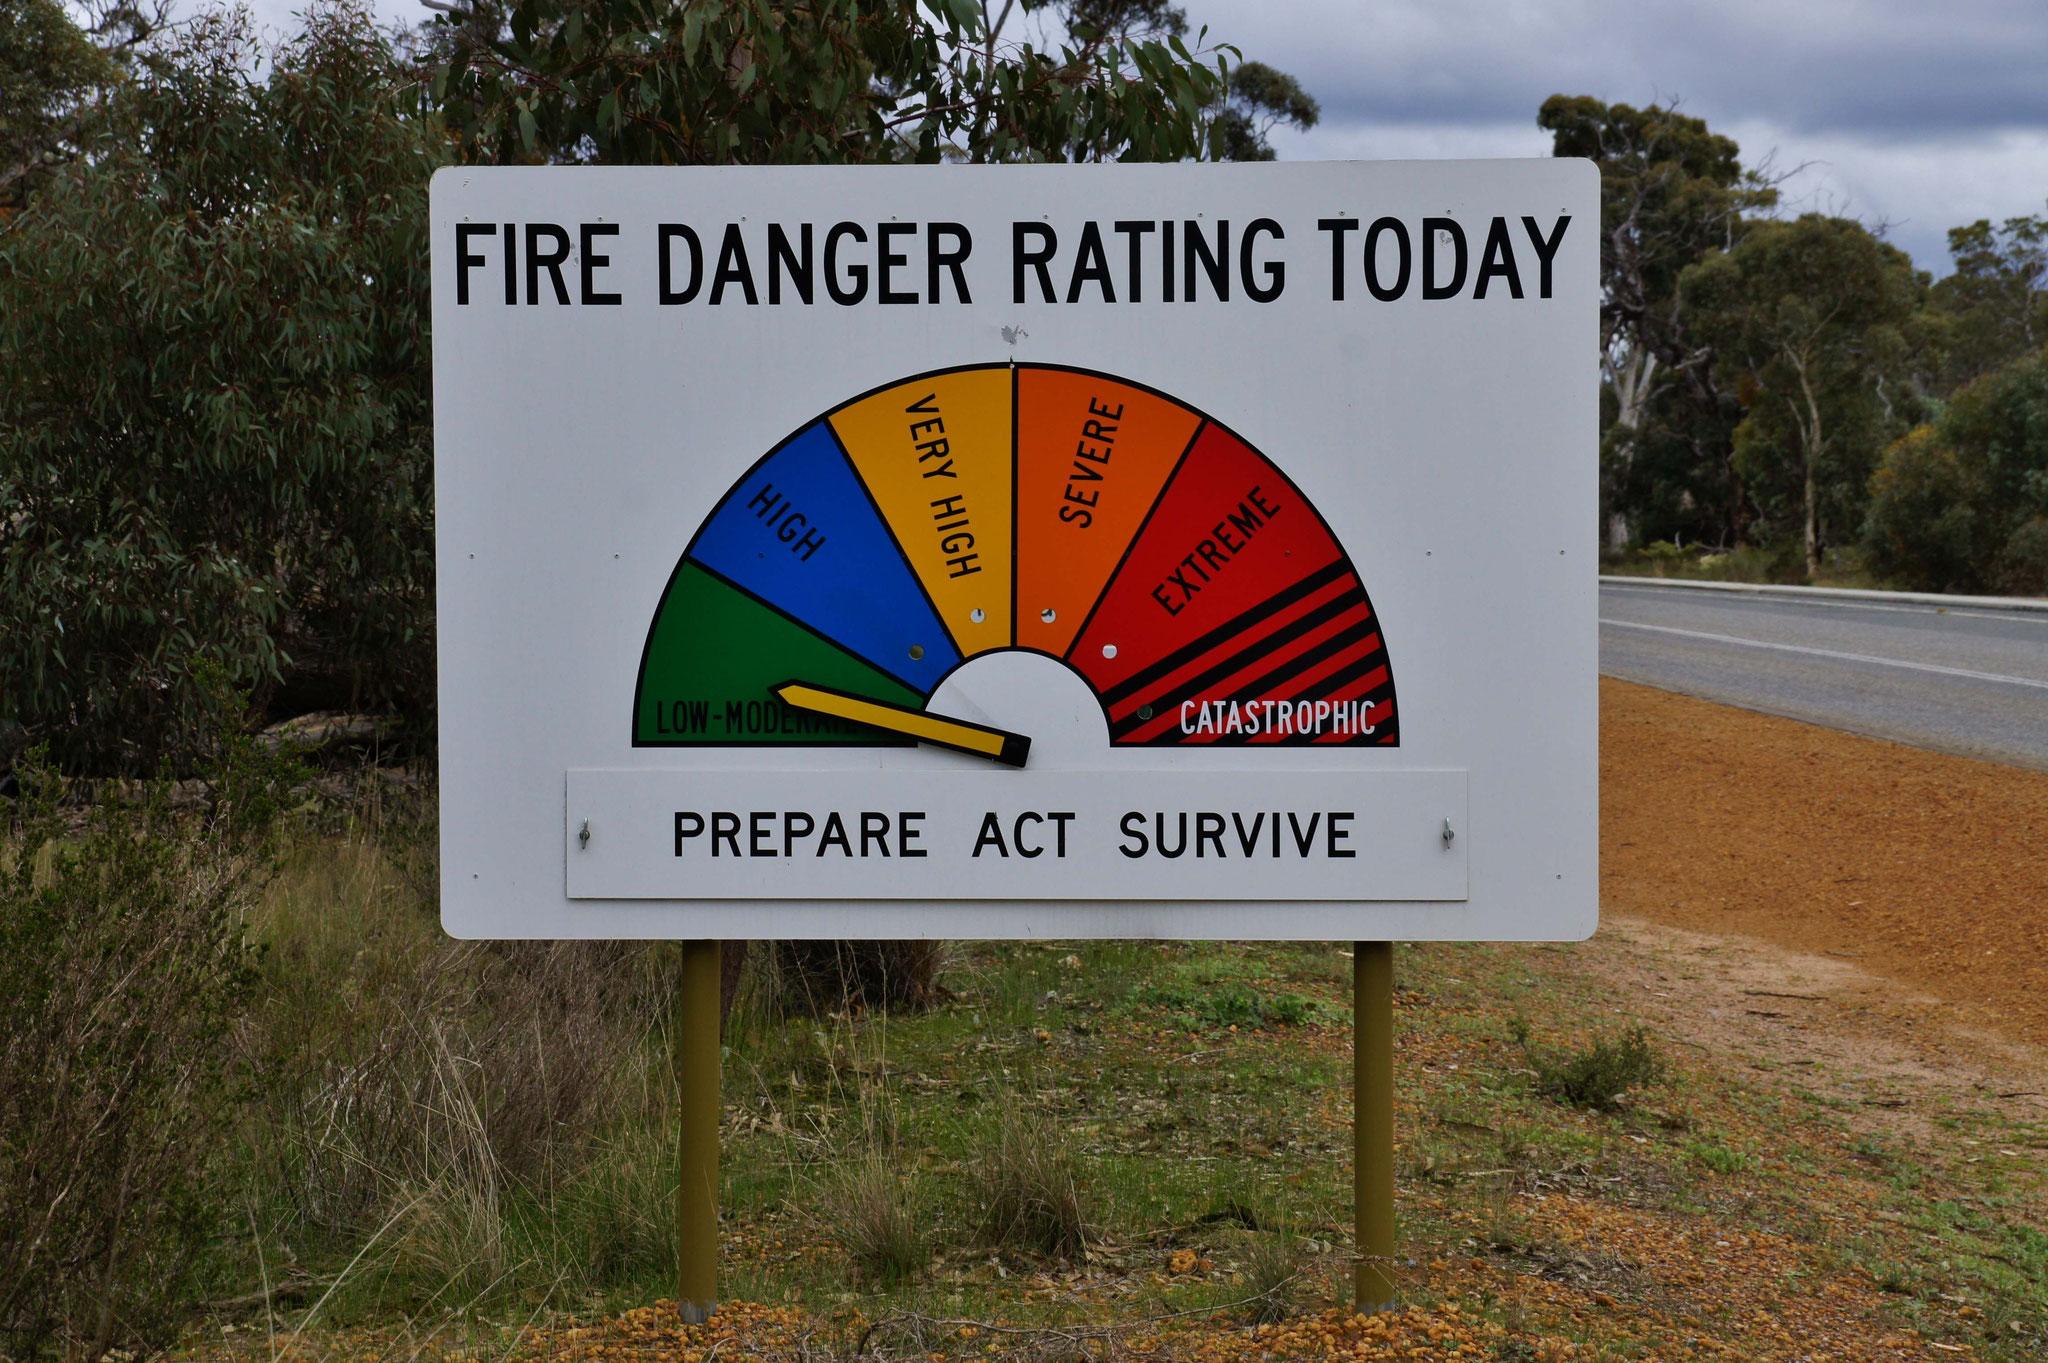 Gefahrenhinweis auf Brandgefahr